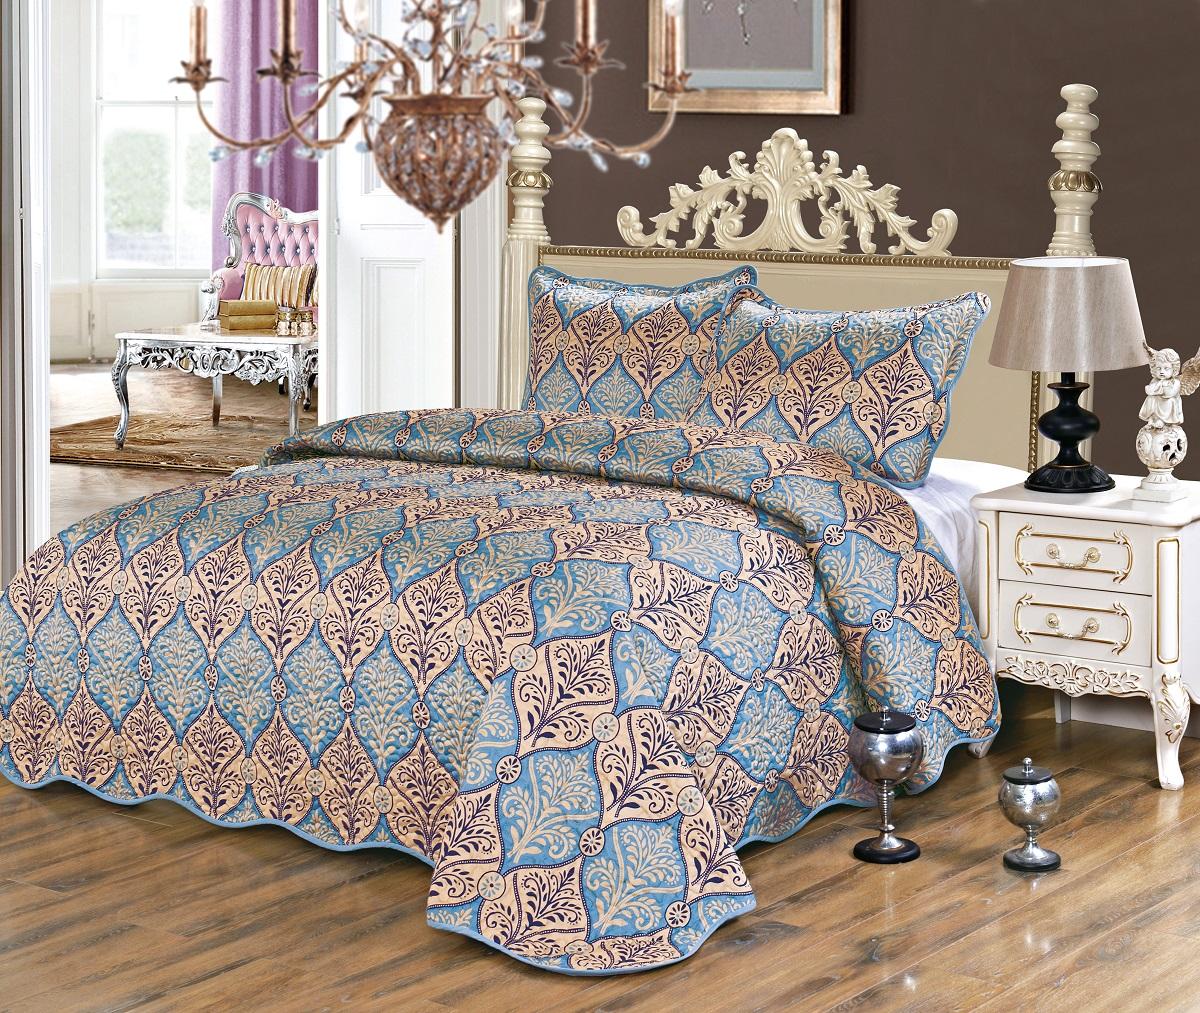 Комплект для спальни Karna Gretal: покрывало 230 х 250 см, 2 наволочки 50 х 70 см, цвет: sultan6005